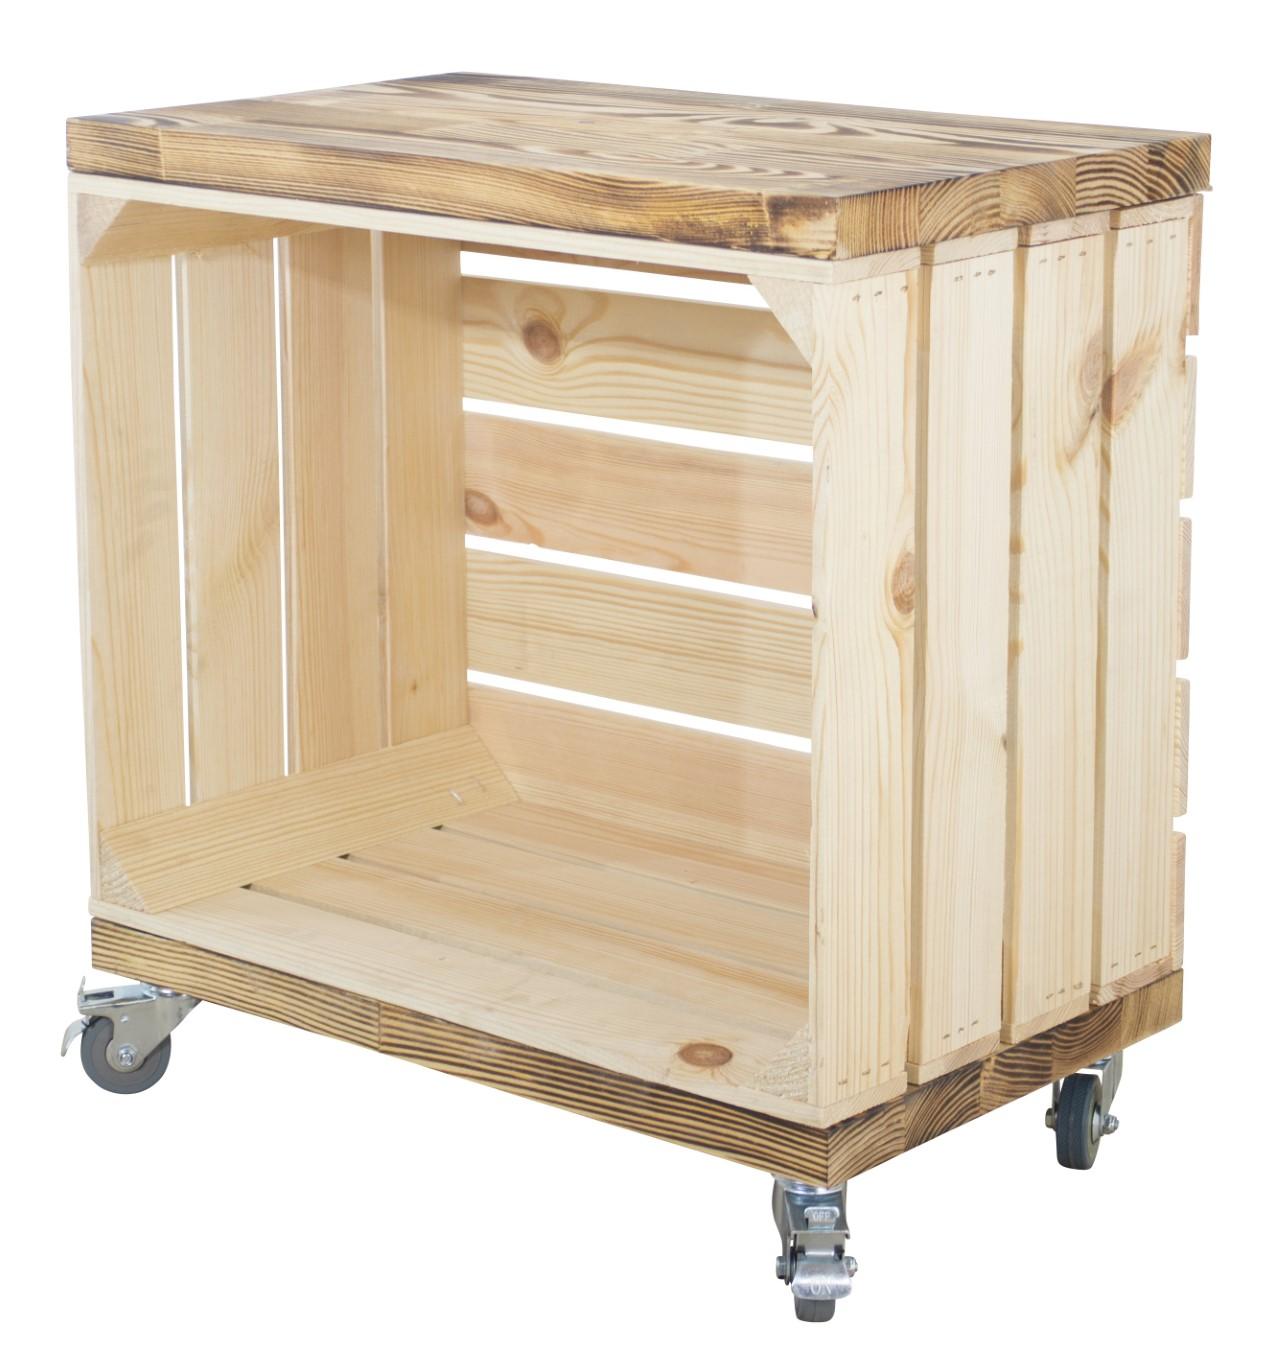 Beistelltisch aus einer Kiste in natur mit 2 geflammten Bohlenbrettern auf Rollen 53x50x30cm